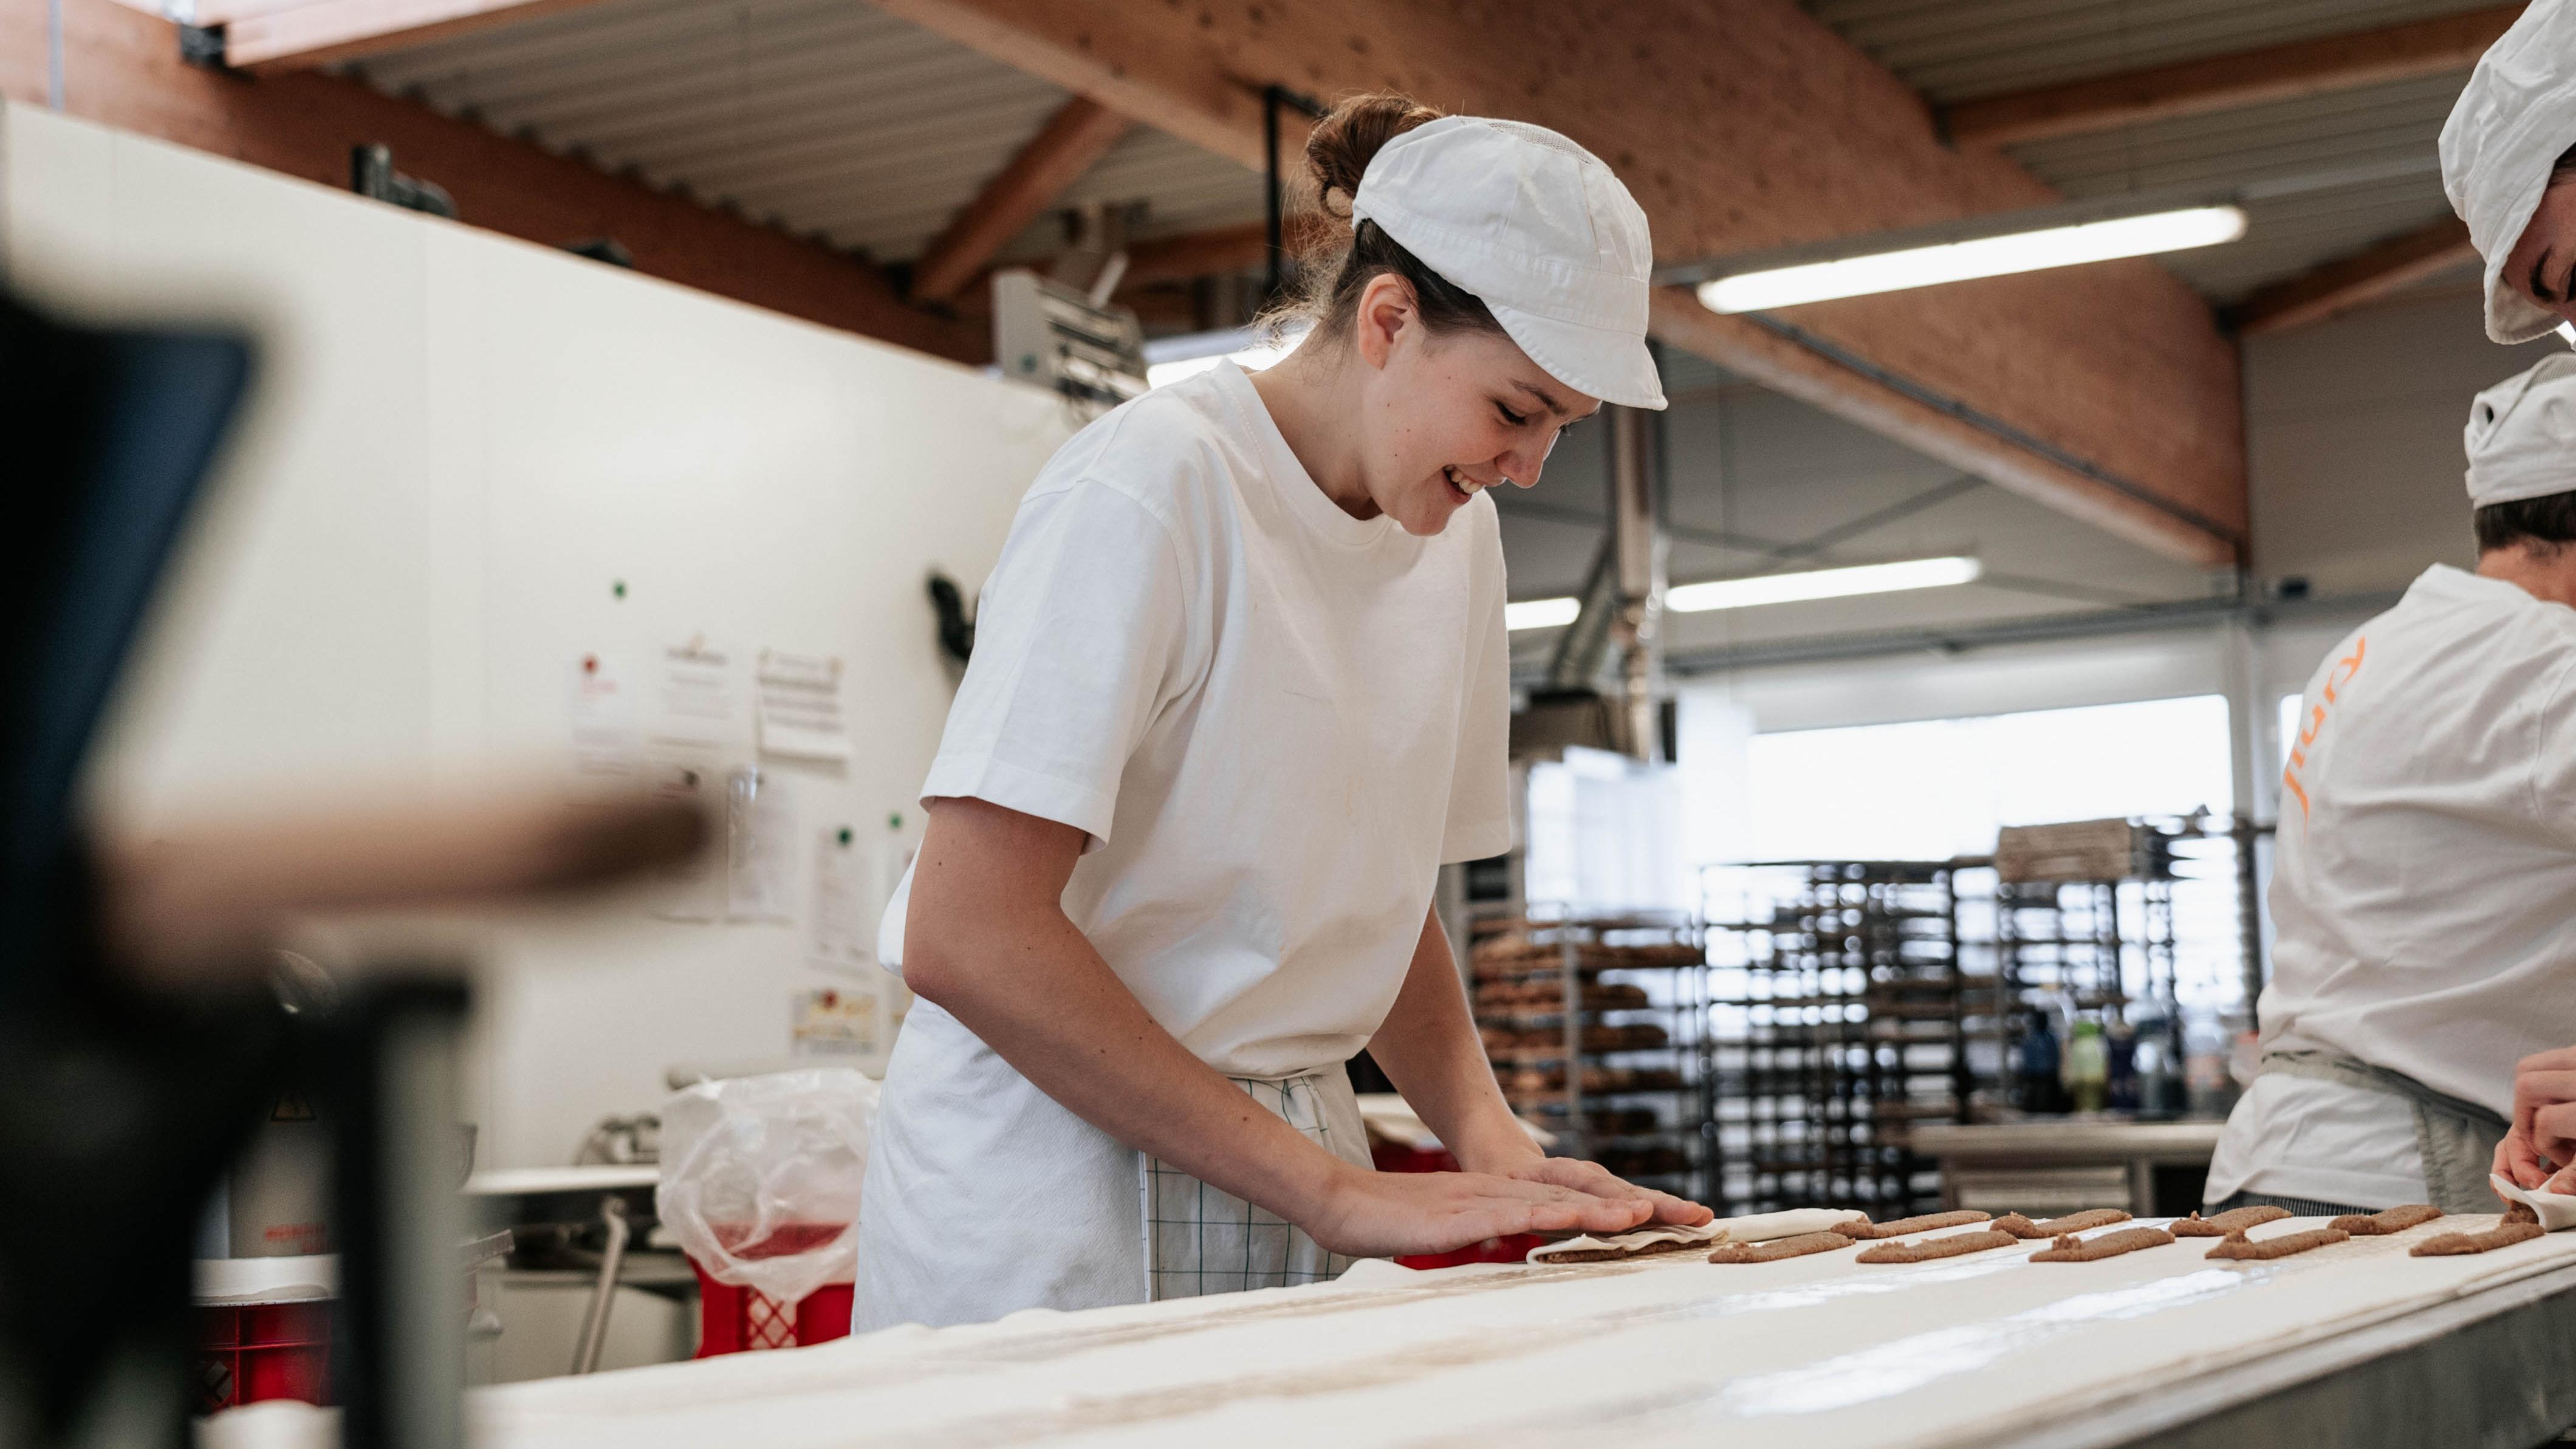 Bäckerin rollt eine Nussstange zusammen und lacht dabei.